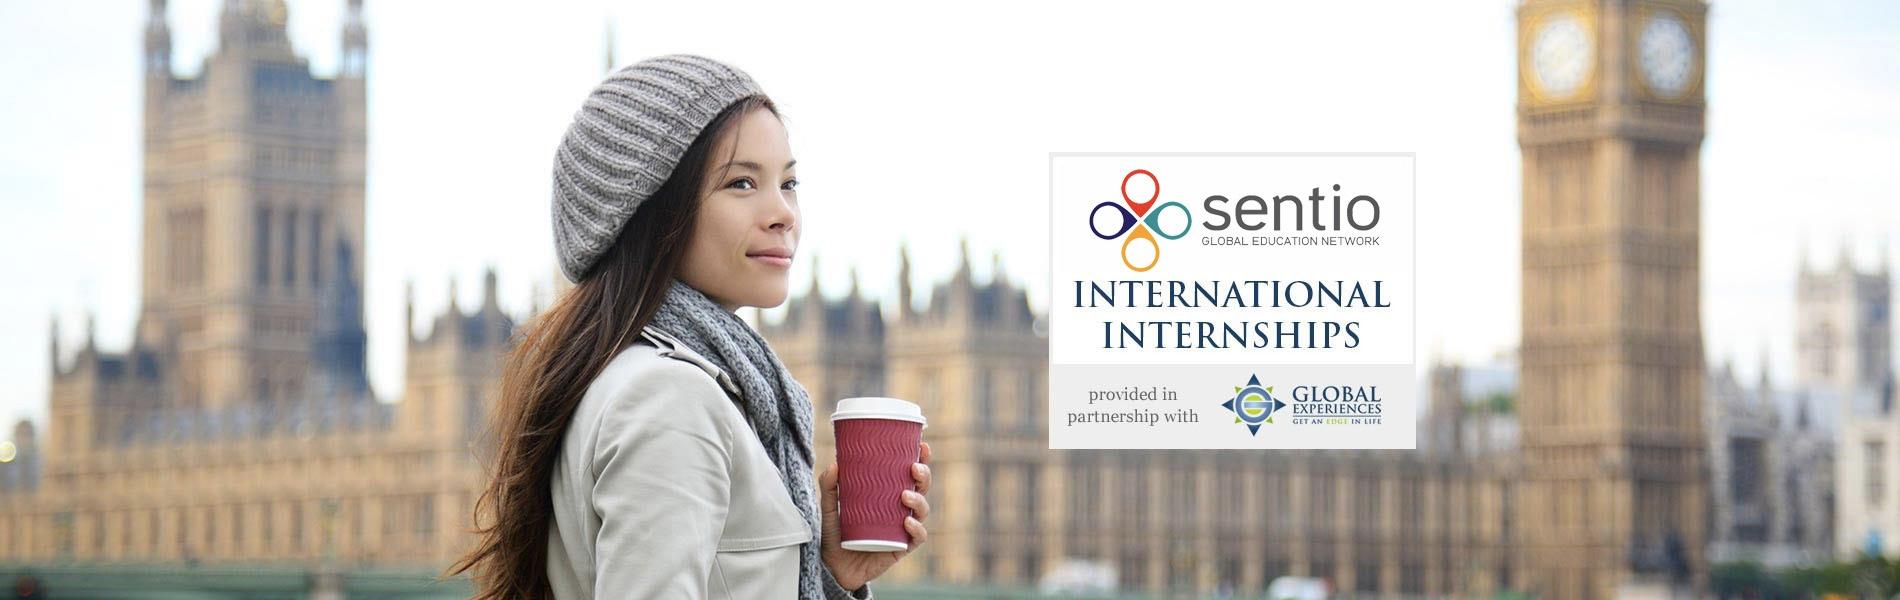 AFS Sentio Intern Abroad